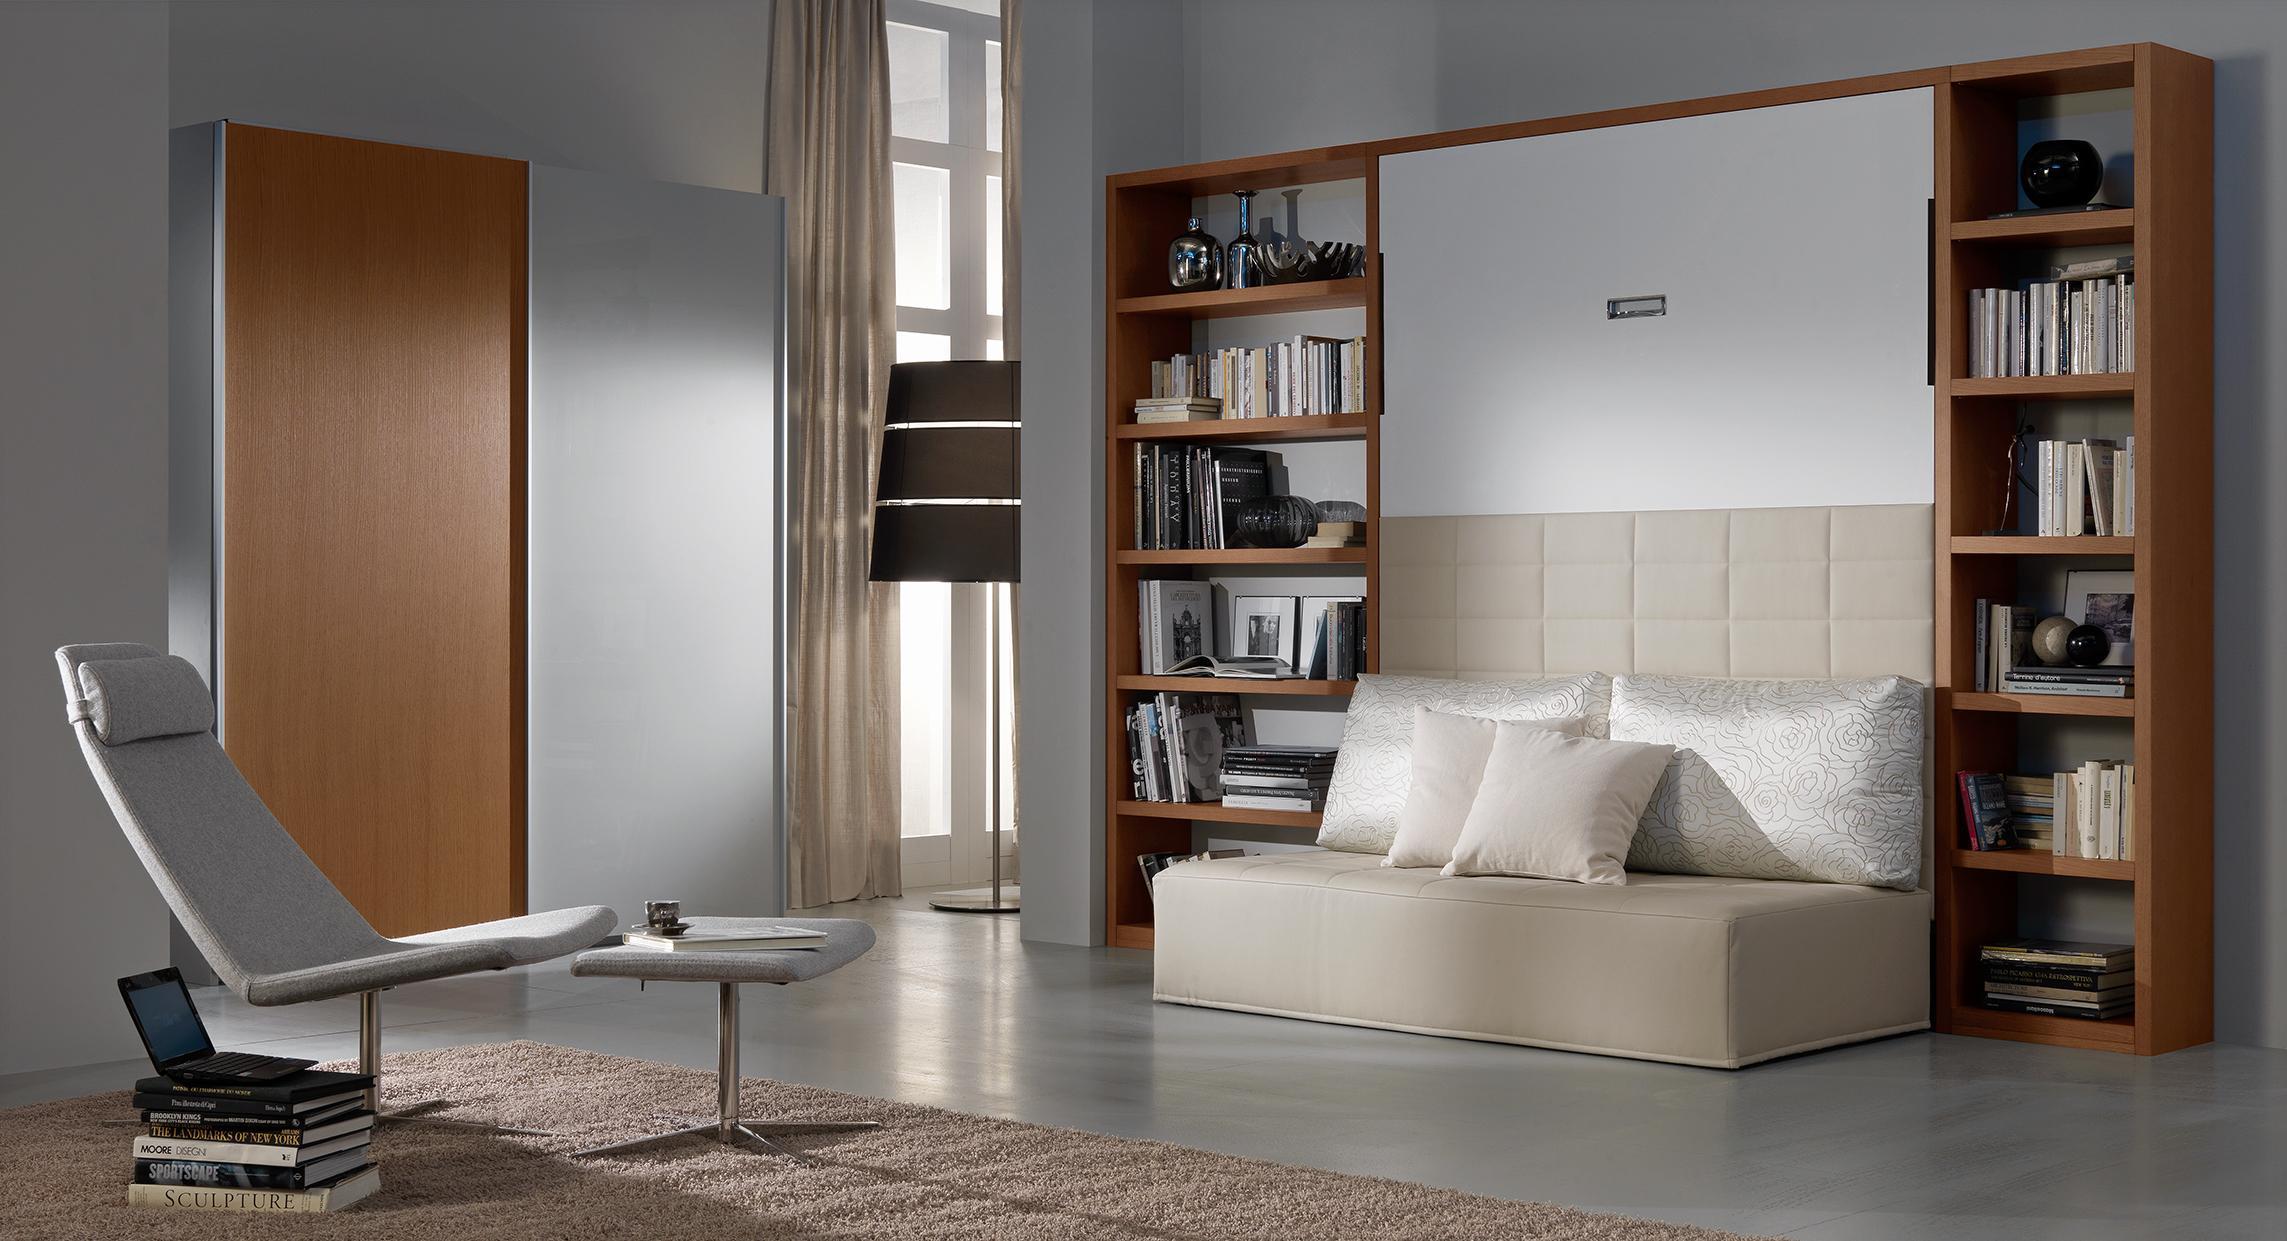 Arredare con i mobili a scomparsa tante idee di design foto pourfemme - Mobili a scomparsa per monolocali ...